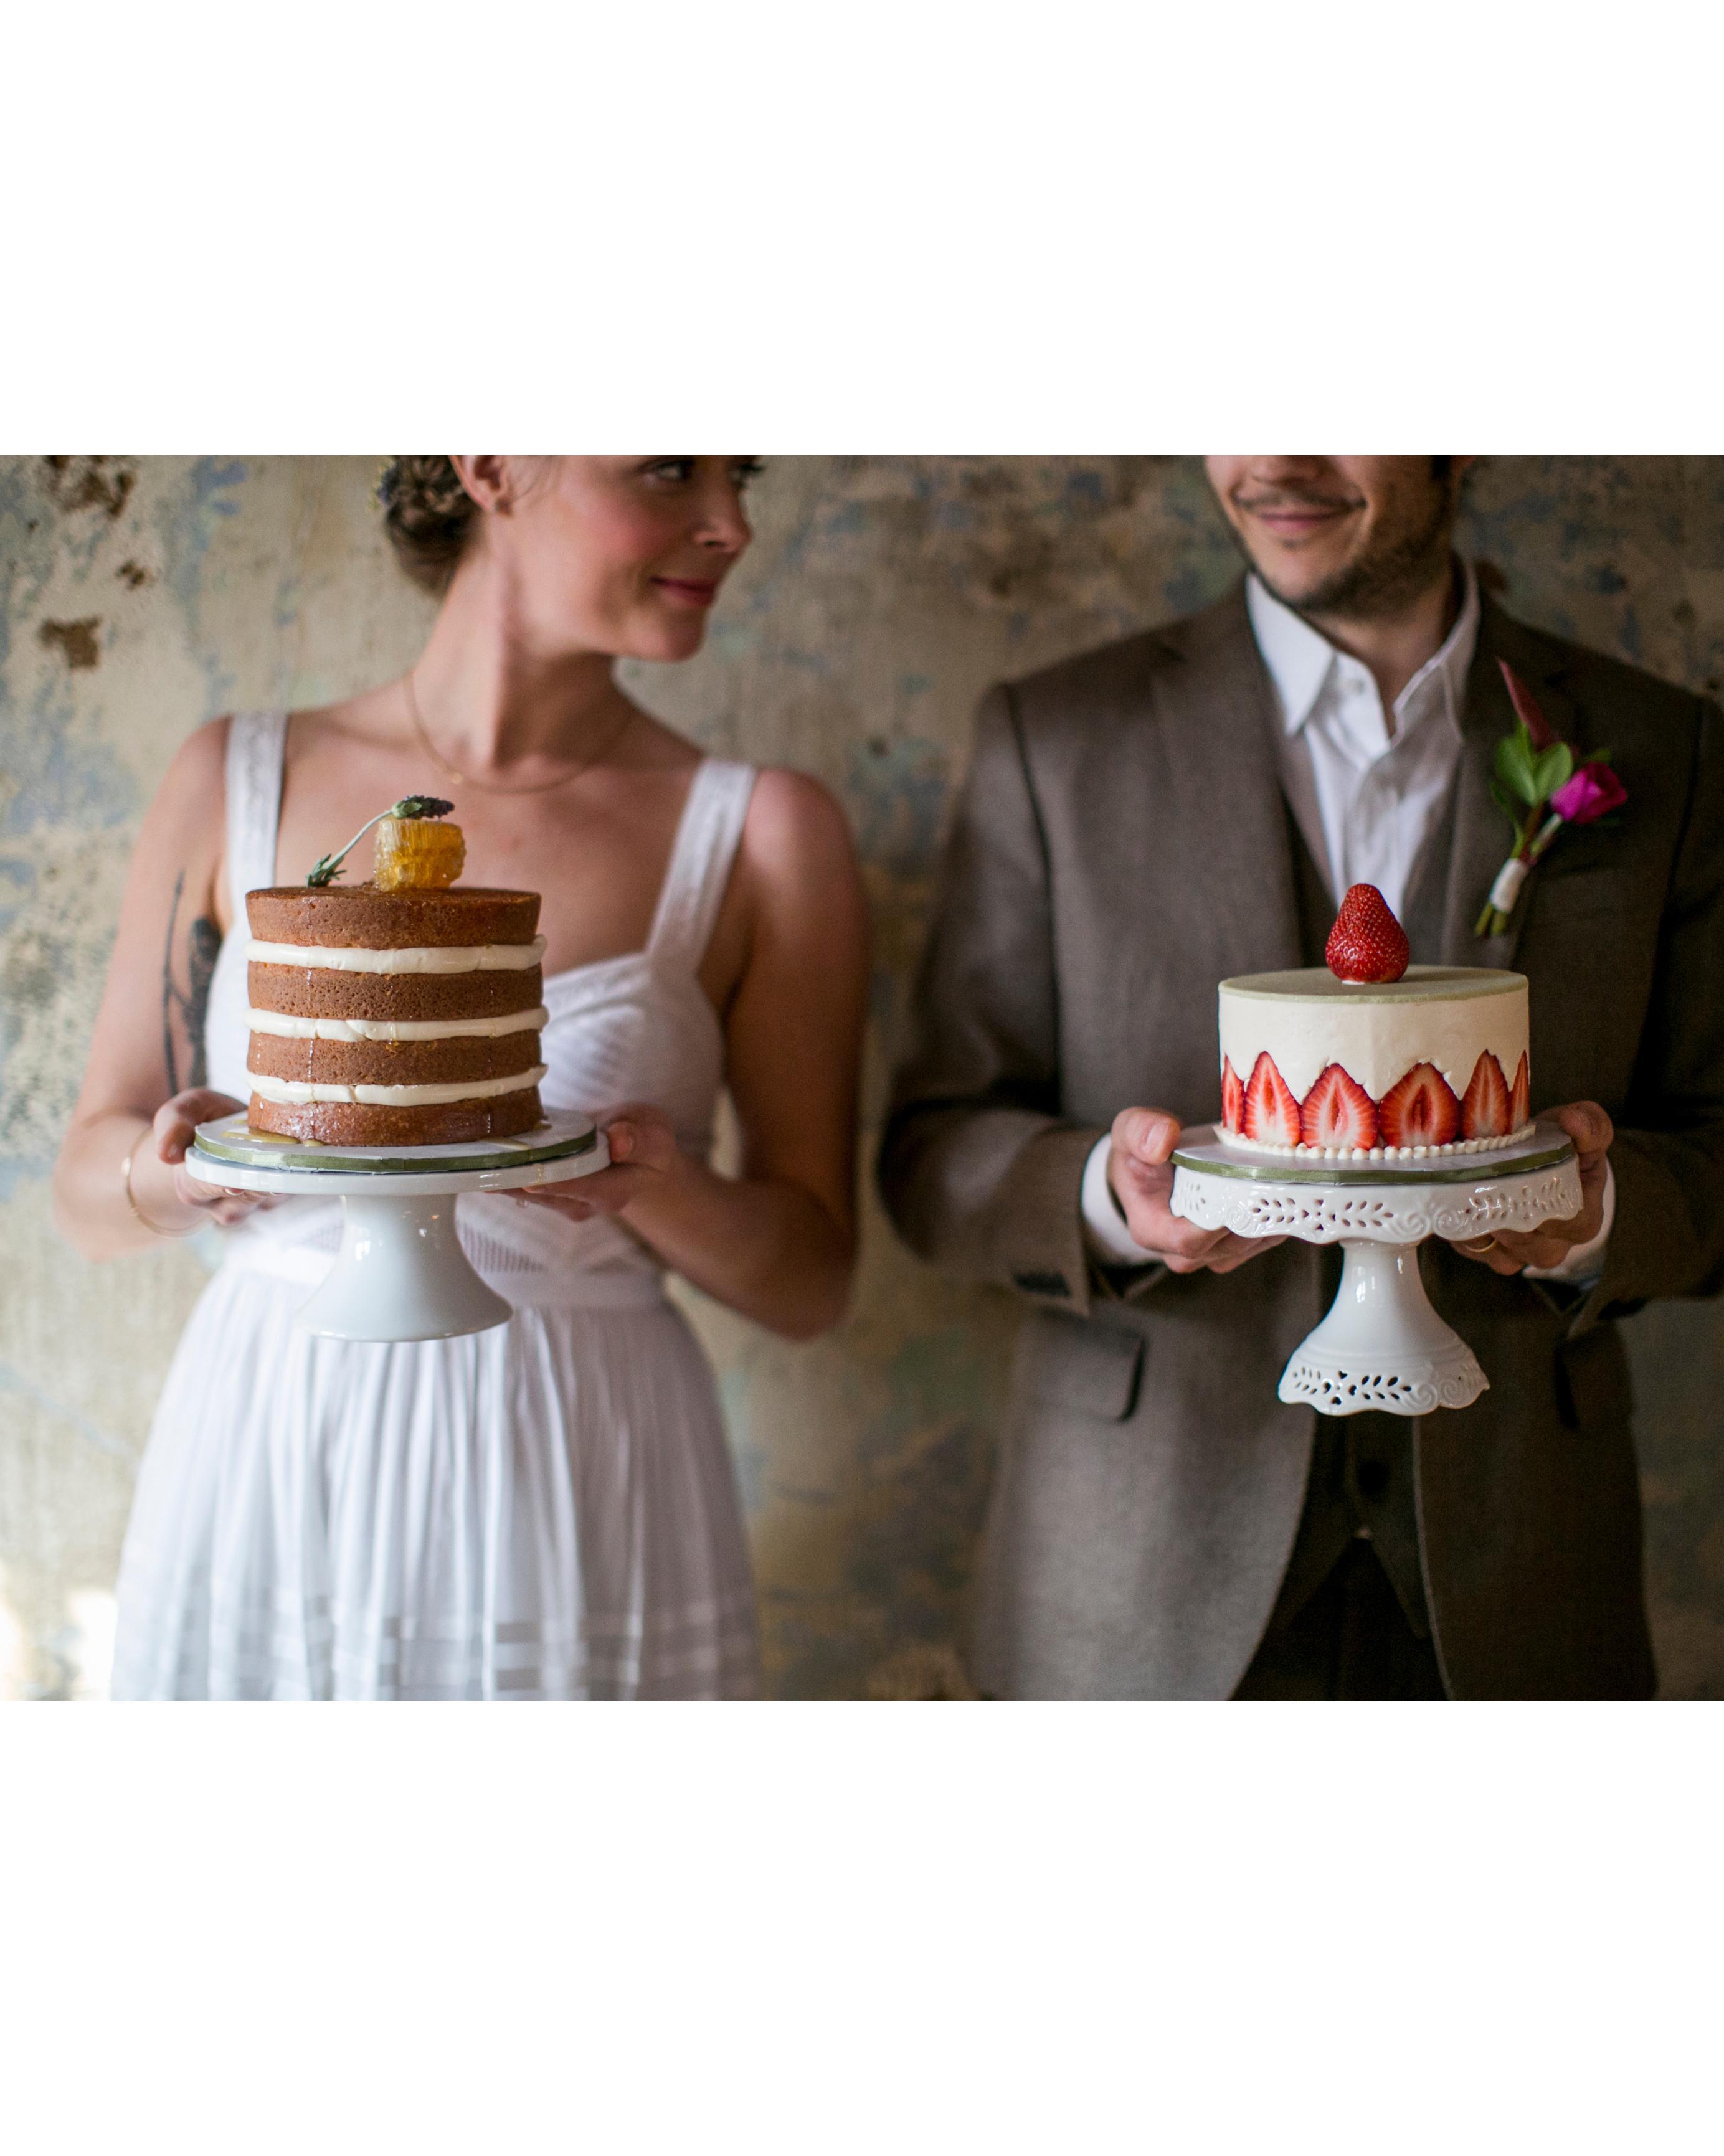 creative-cake-flavors-strawberry-fraisier-opener-0116.jpg